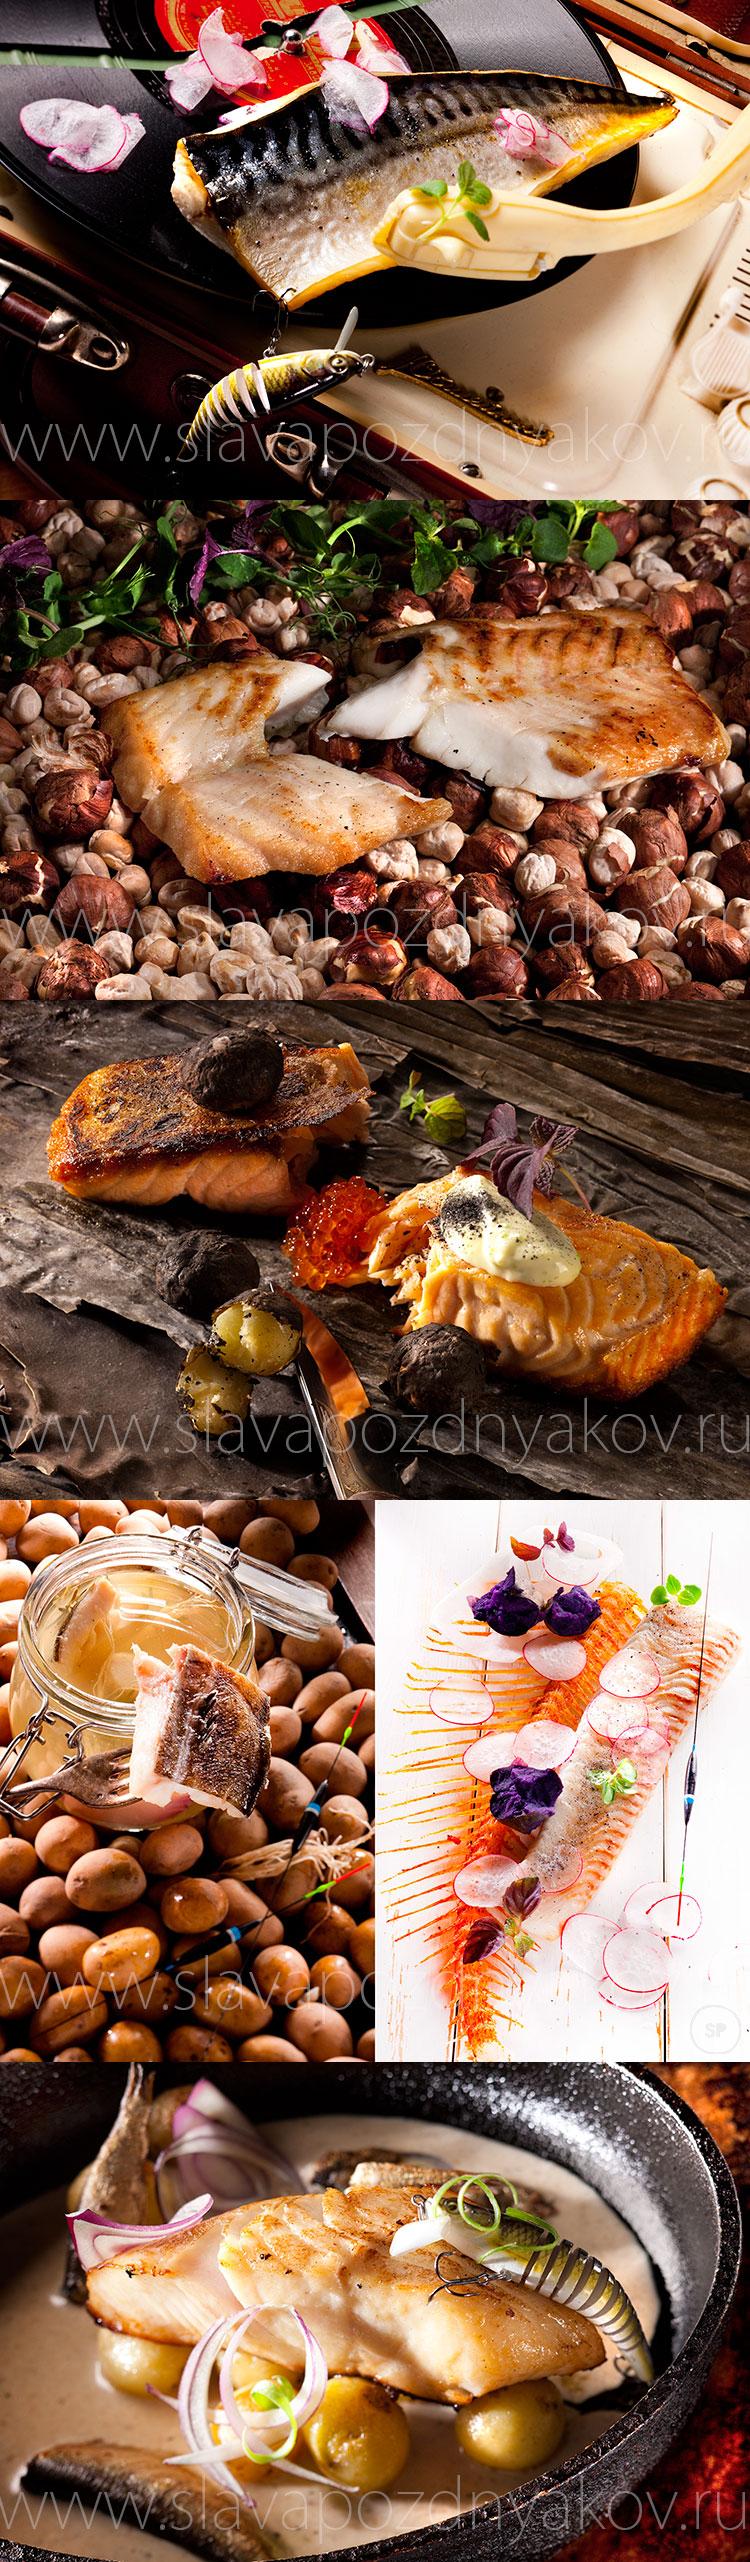 foodstylist_slava_pozdnyakov